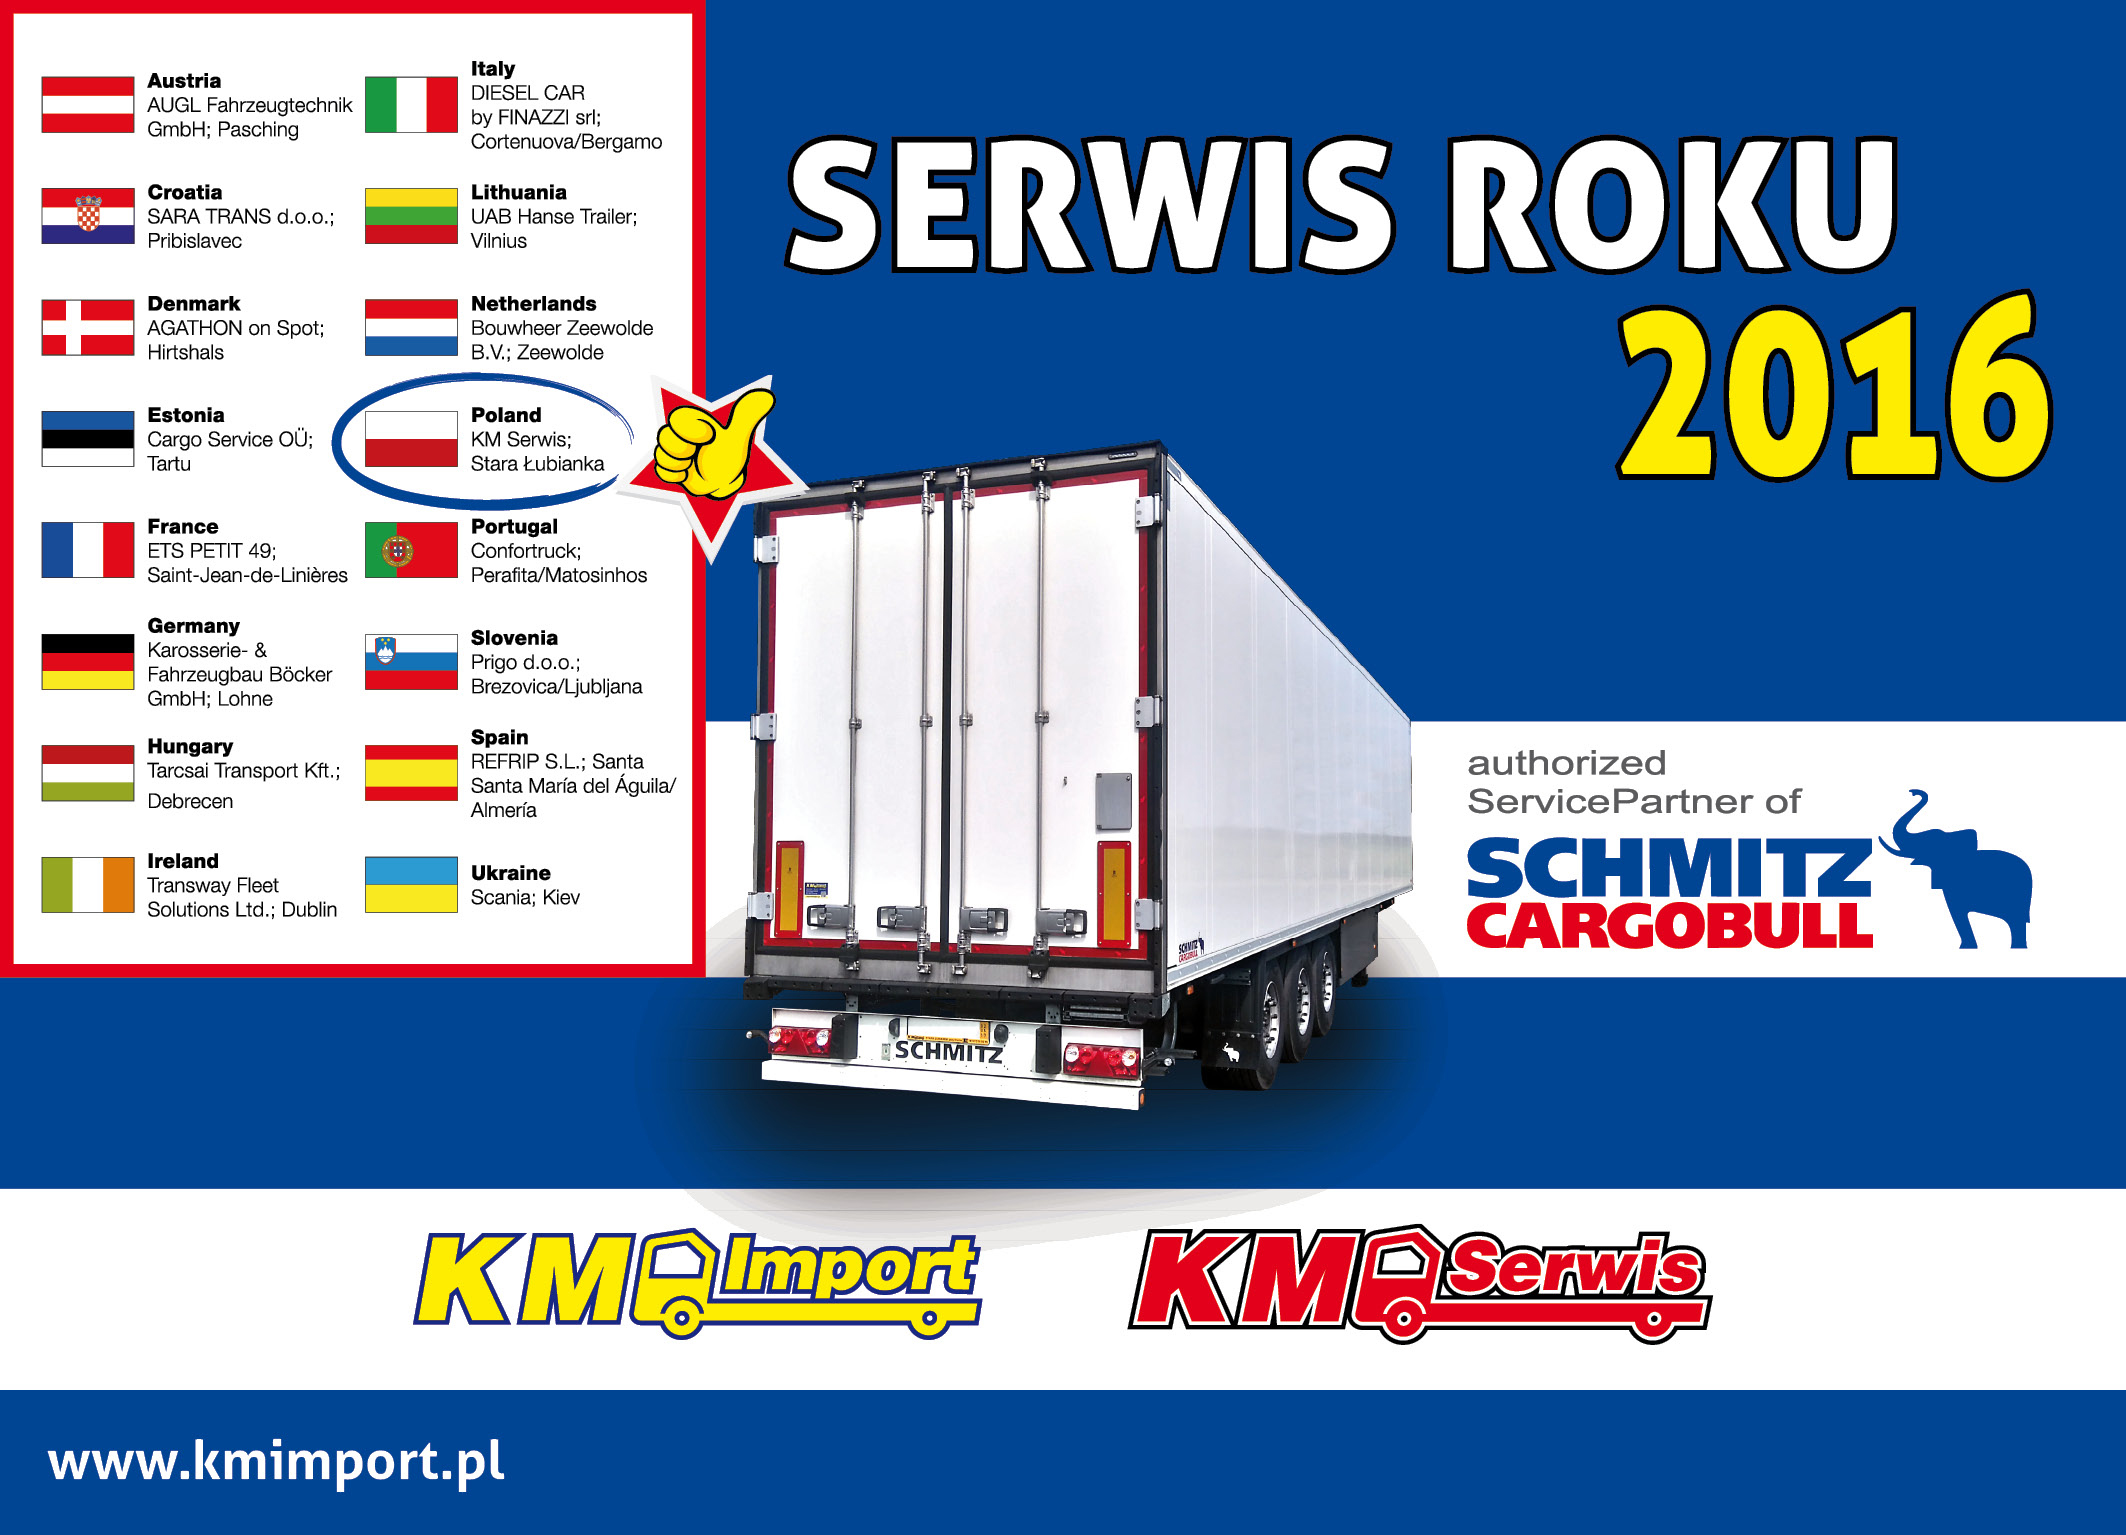 KM SERWIS serwisem roku 2016 Schmitz Cargobull - KM Import